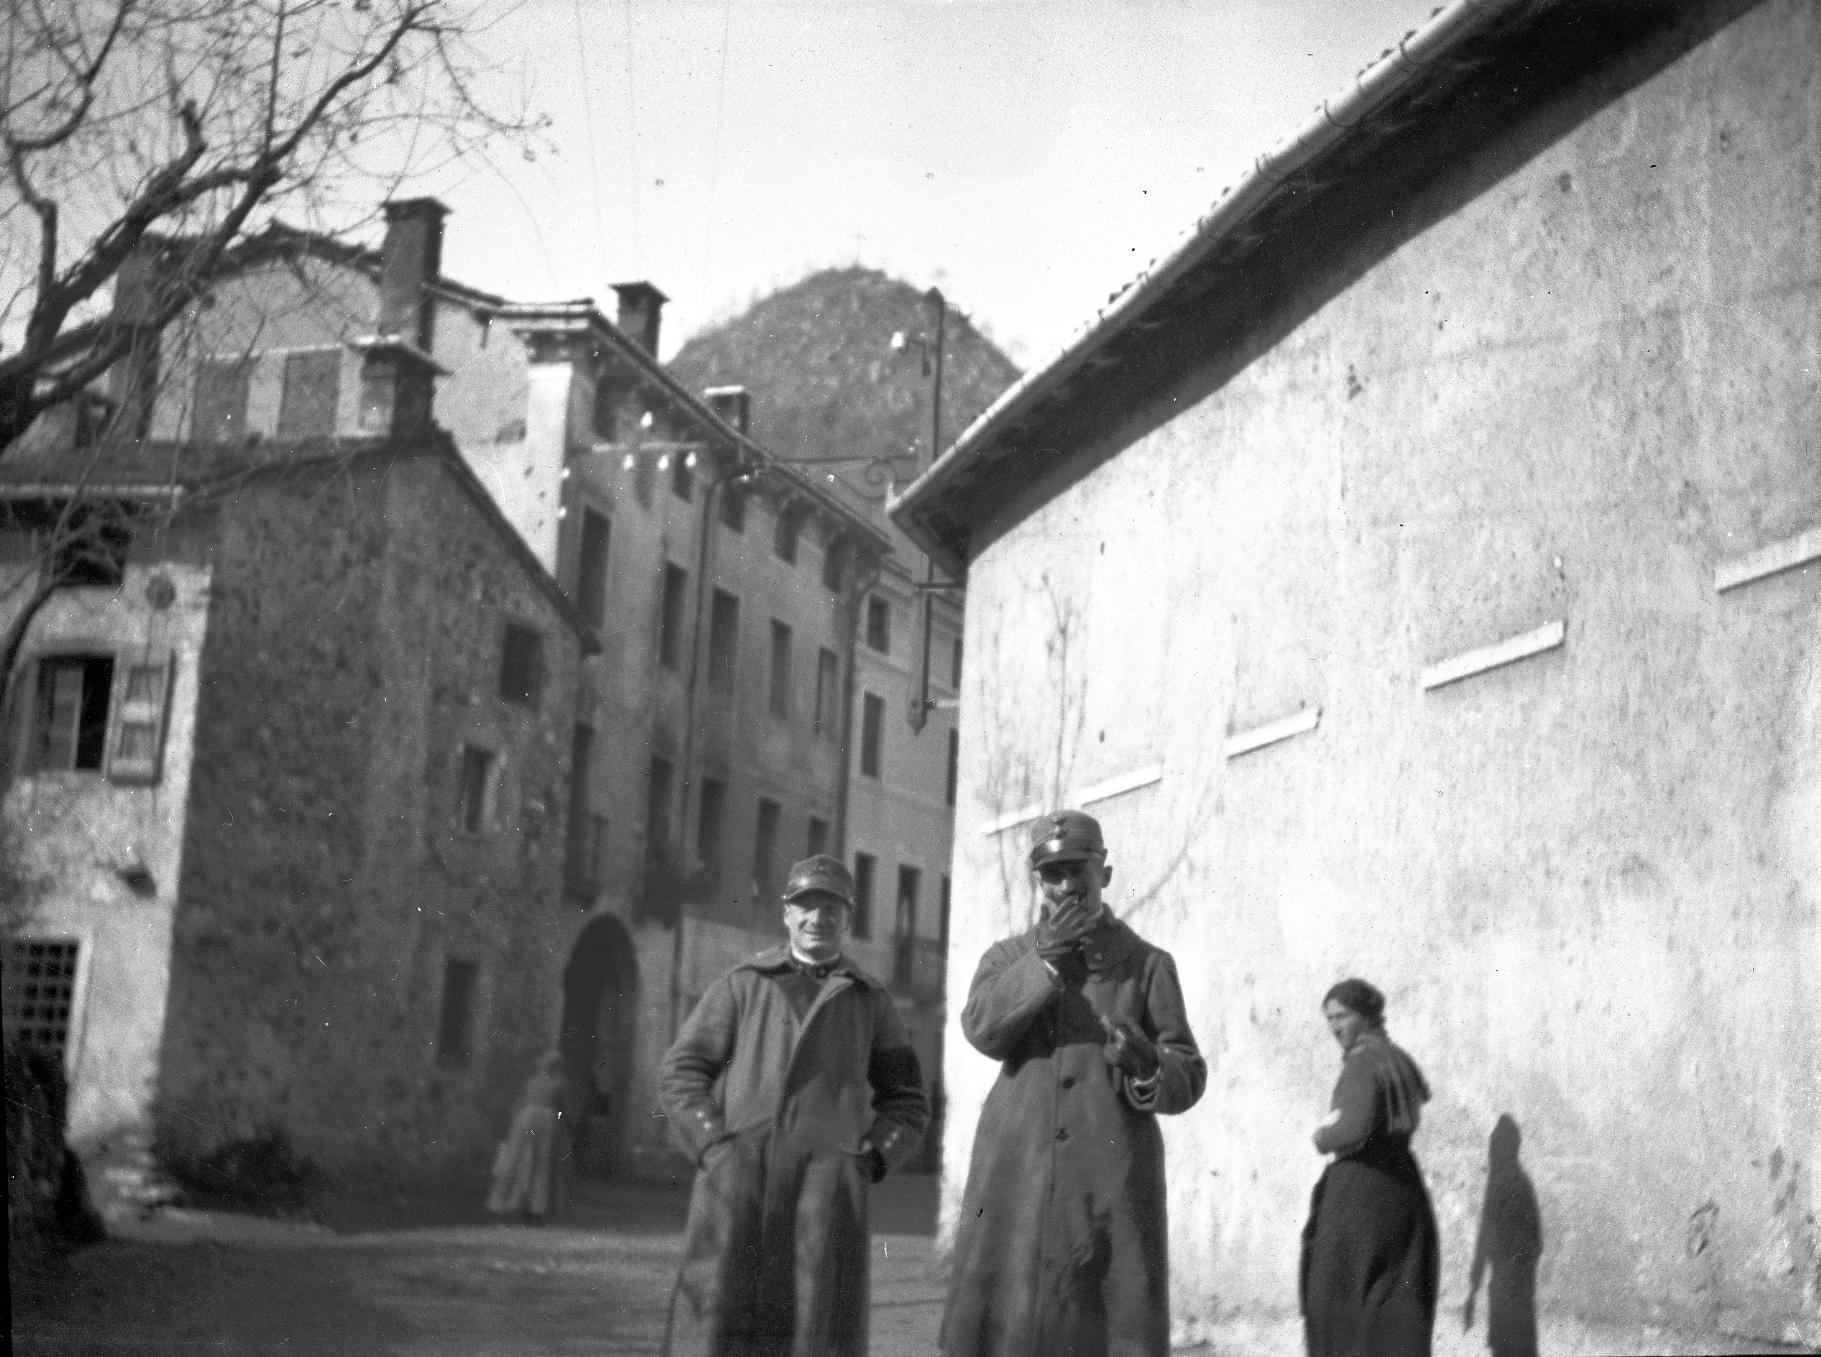 Grande Guerra sul Pasubio. Soldati in un borgo della Vallarsa. Foto scattata da Vaifro Agnoli nel 1918